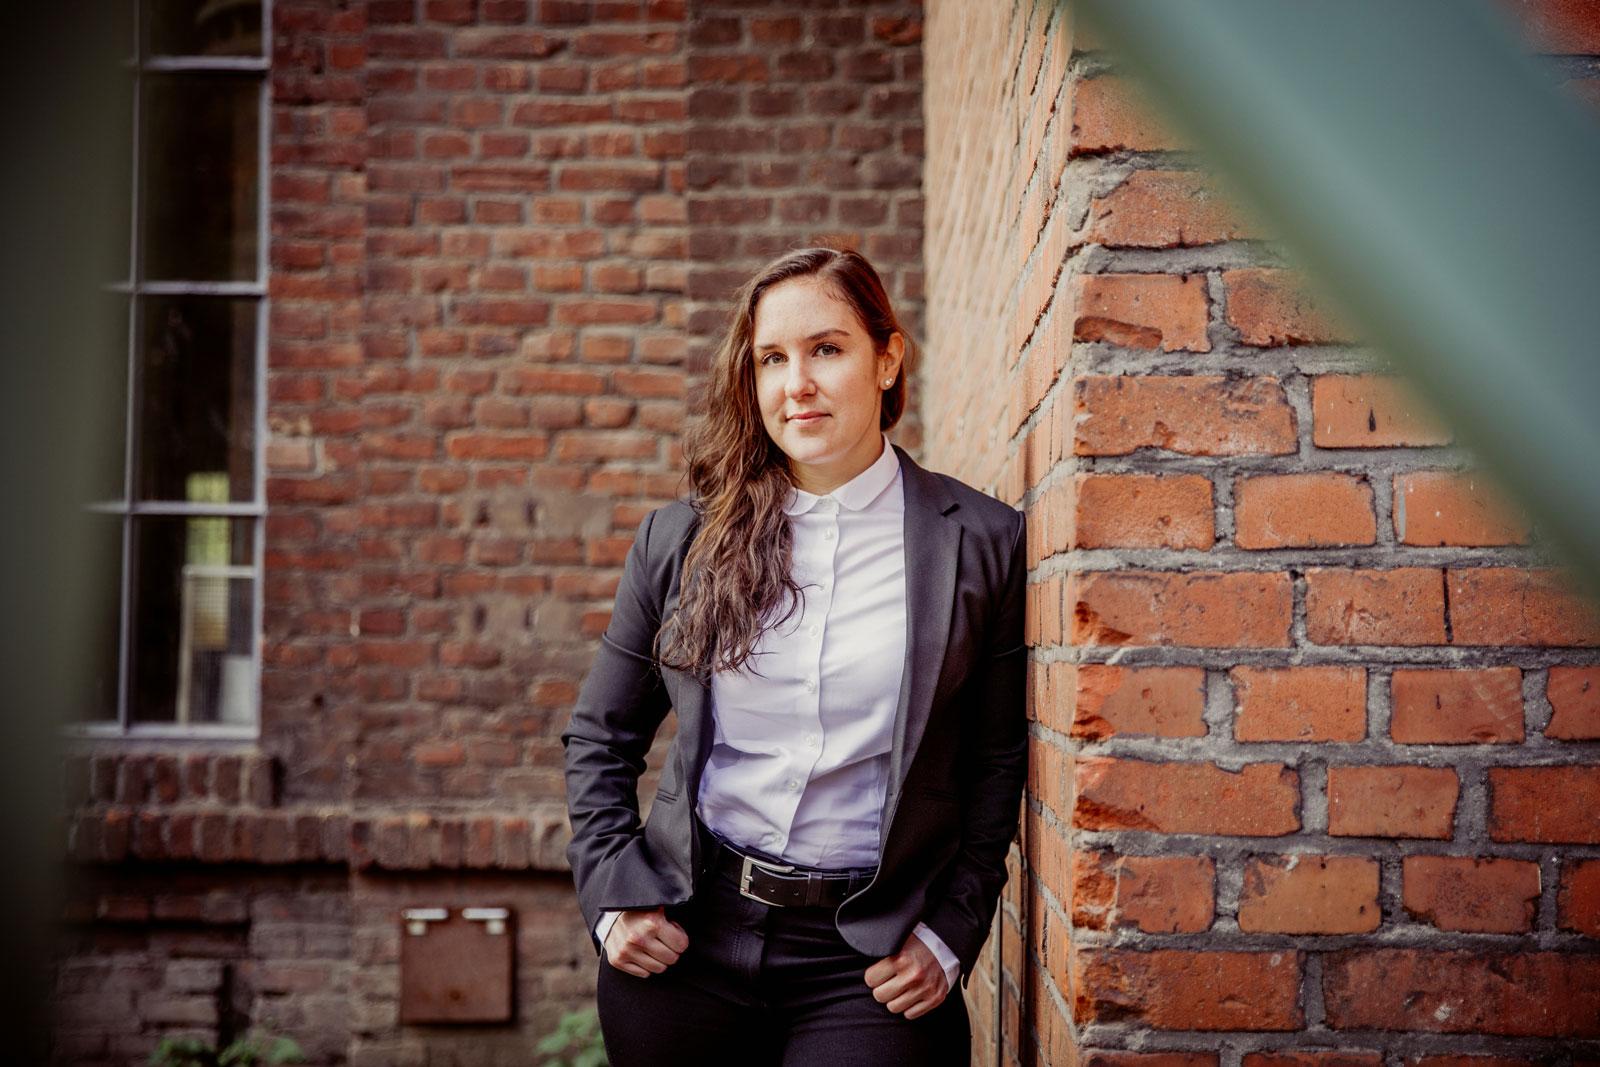 Ann Kathrin Ruppert